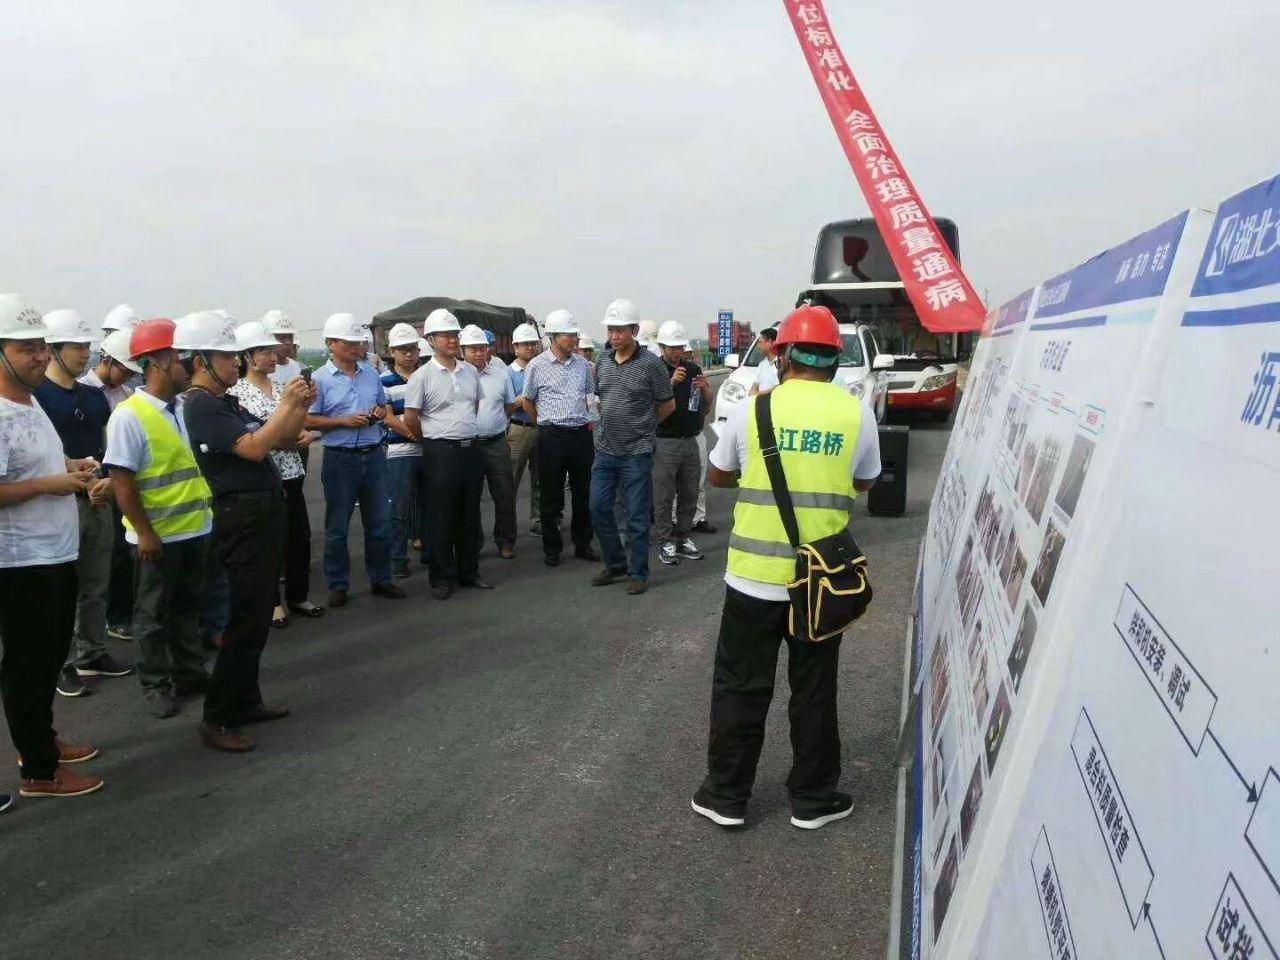 沙公高速长江路桥项目迎来湖北交投在建高速十一个项目的指挥部领导现场观摩